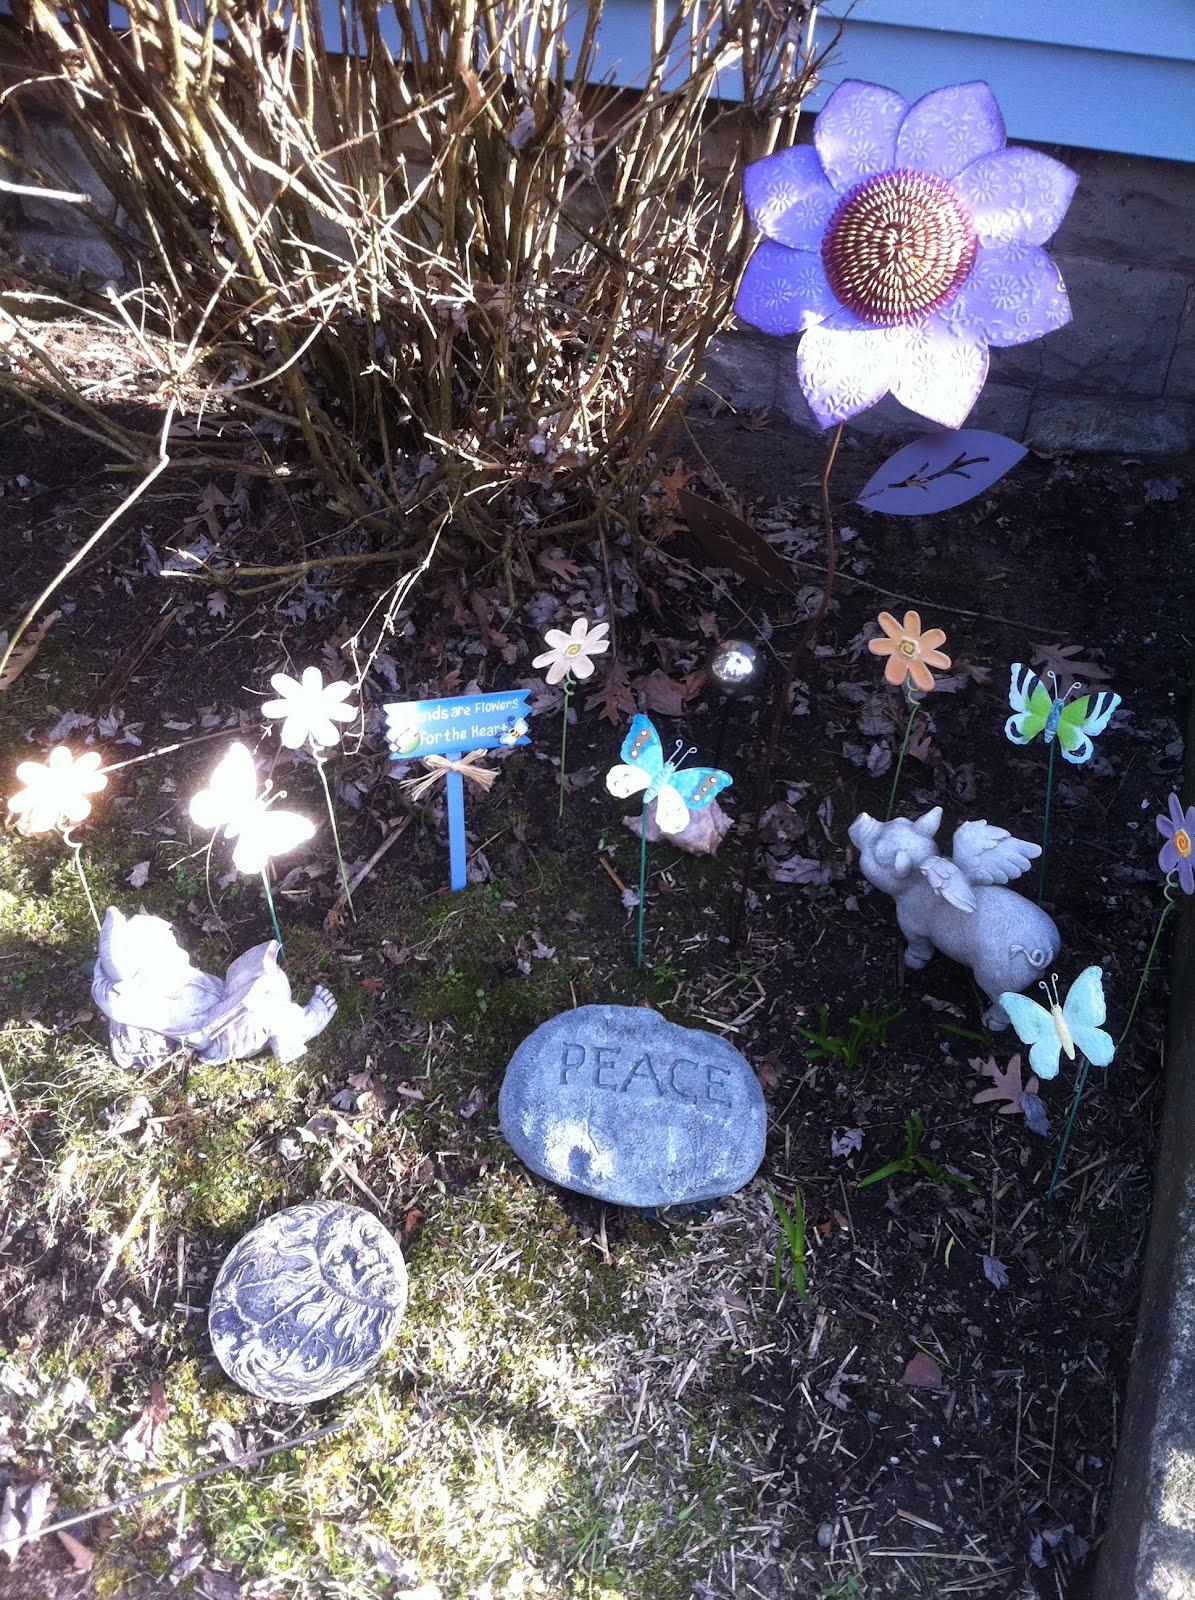 321   331 Fun Fairy Garden Things To Do!